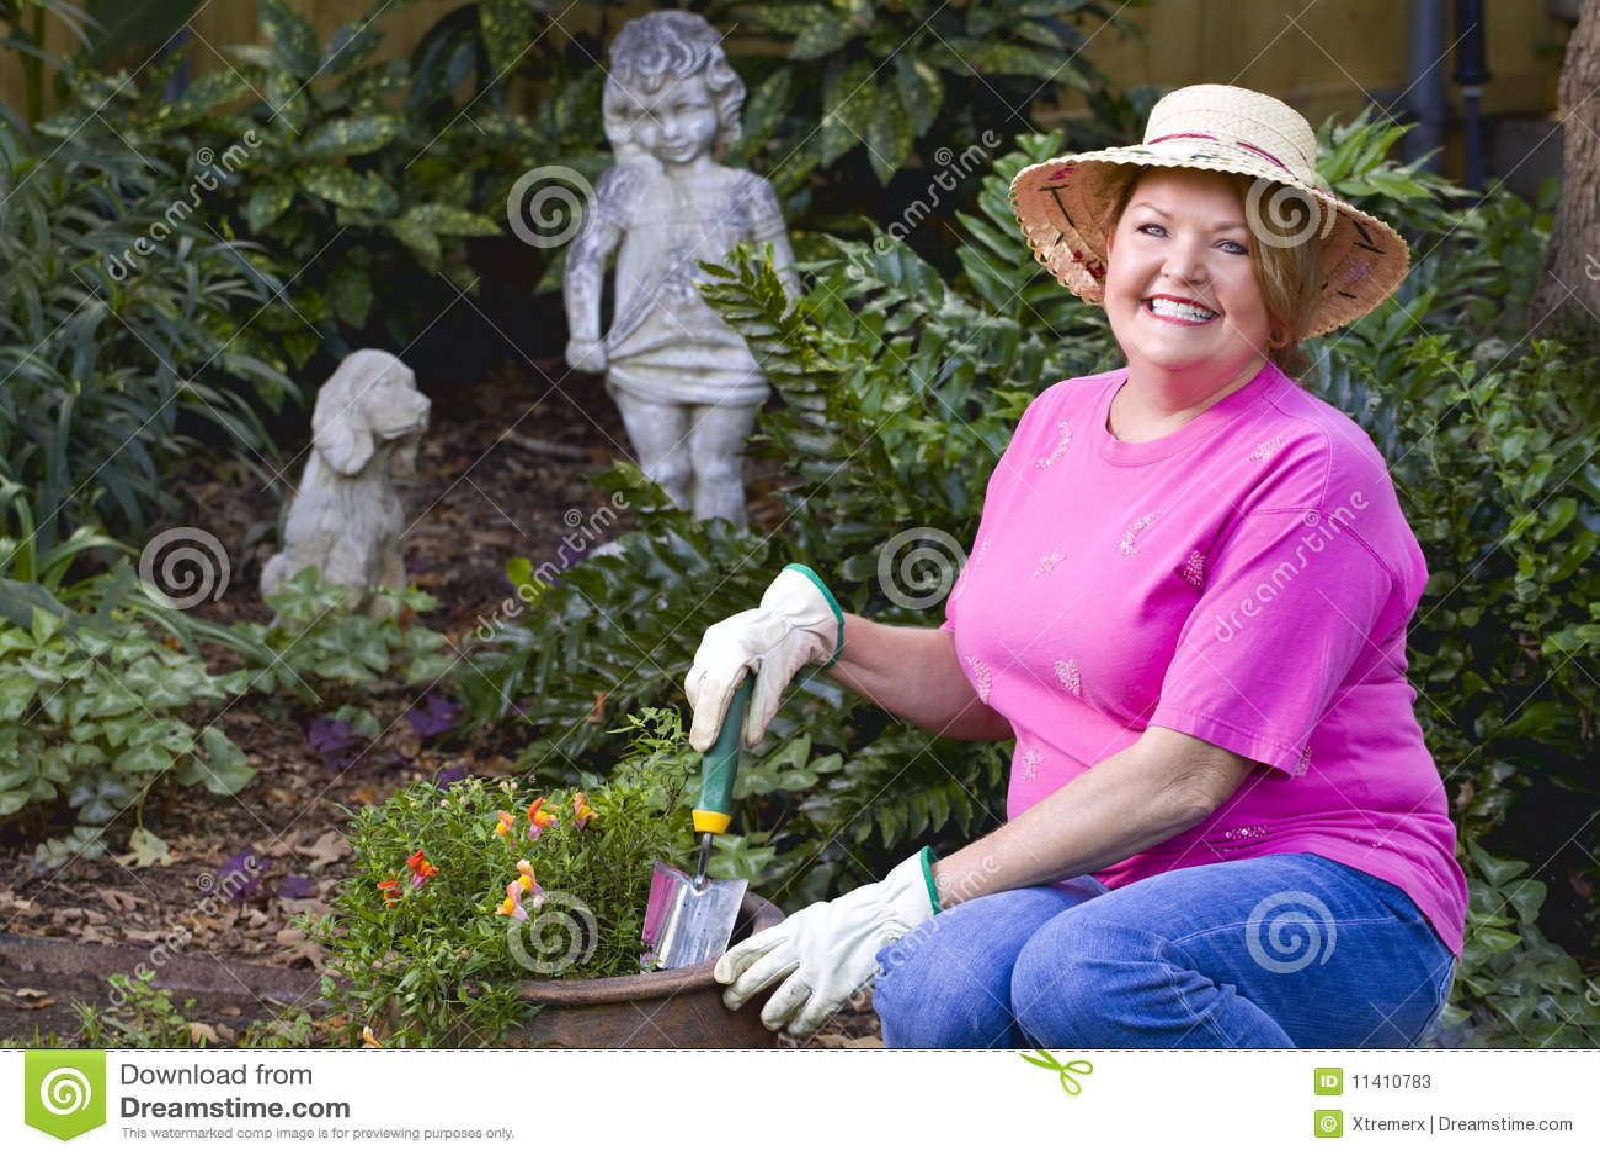 Mature Woman Gardening Stock Photos Image 11410783